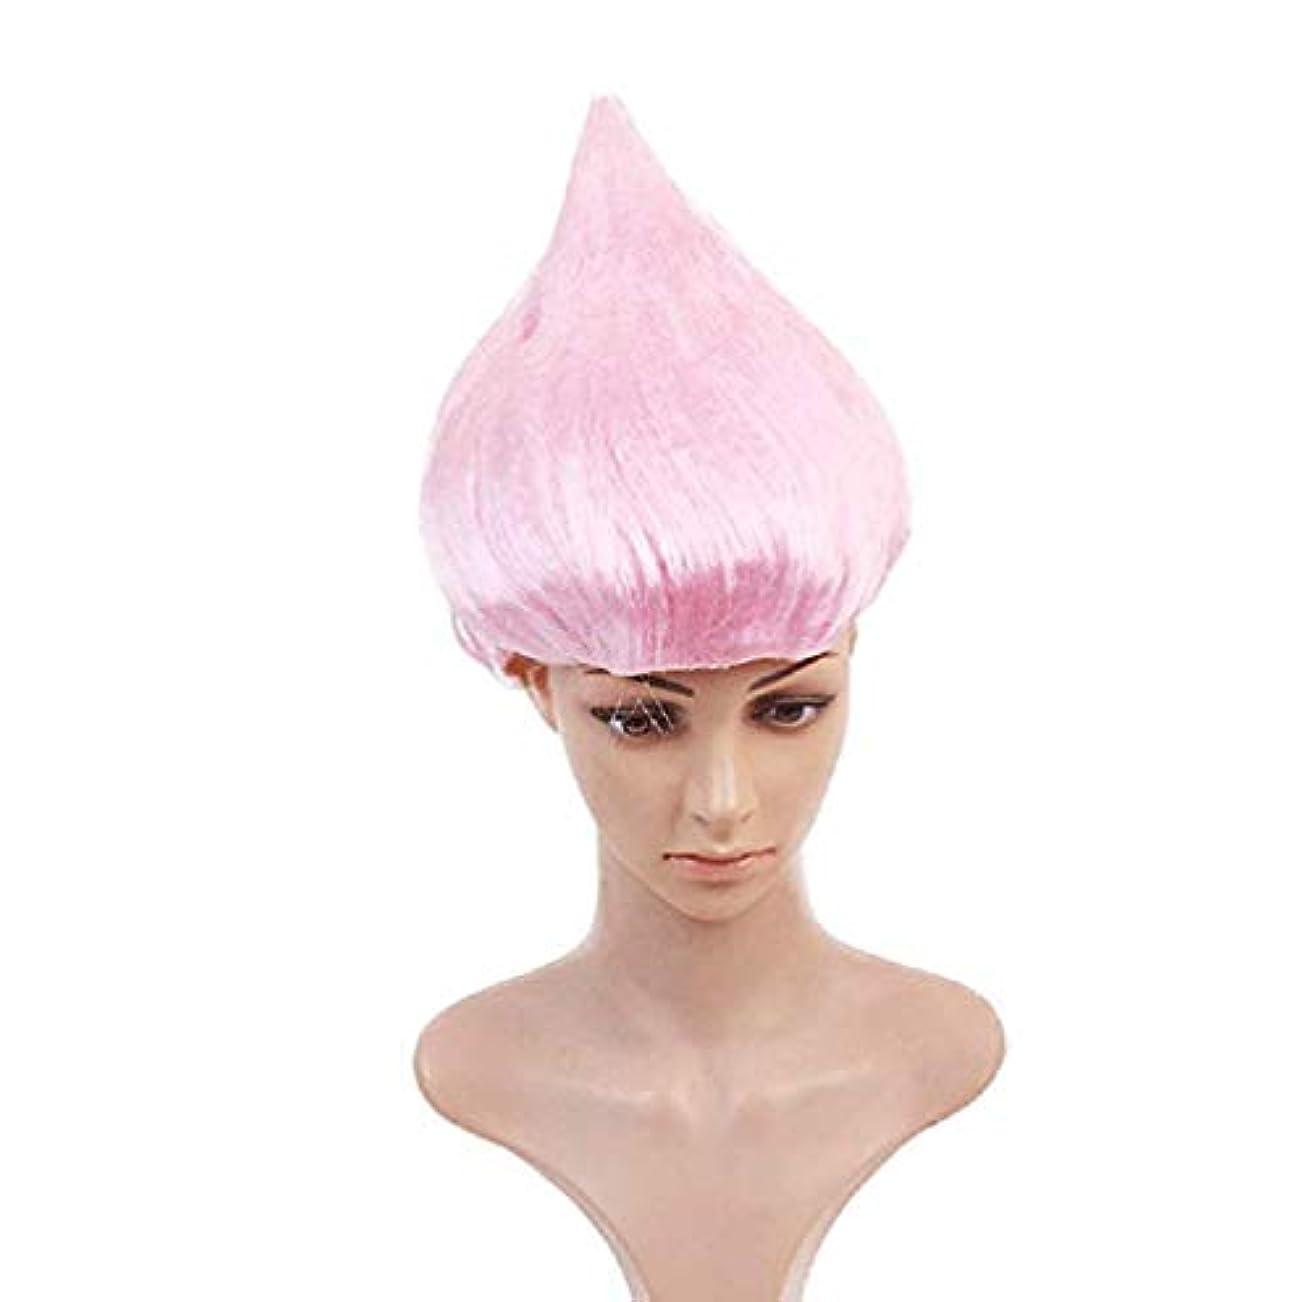 ファンベールフォロー男性女性の髪のかつら新しいファッション髪耐熱マルチカラーかつらコスプレハロウィンクリスマスパーティー